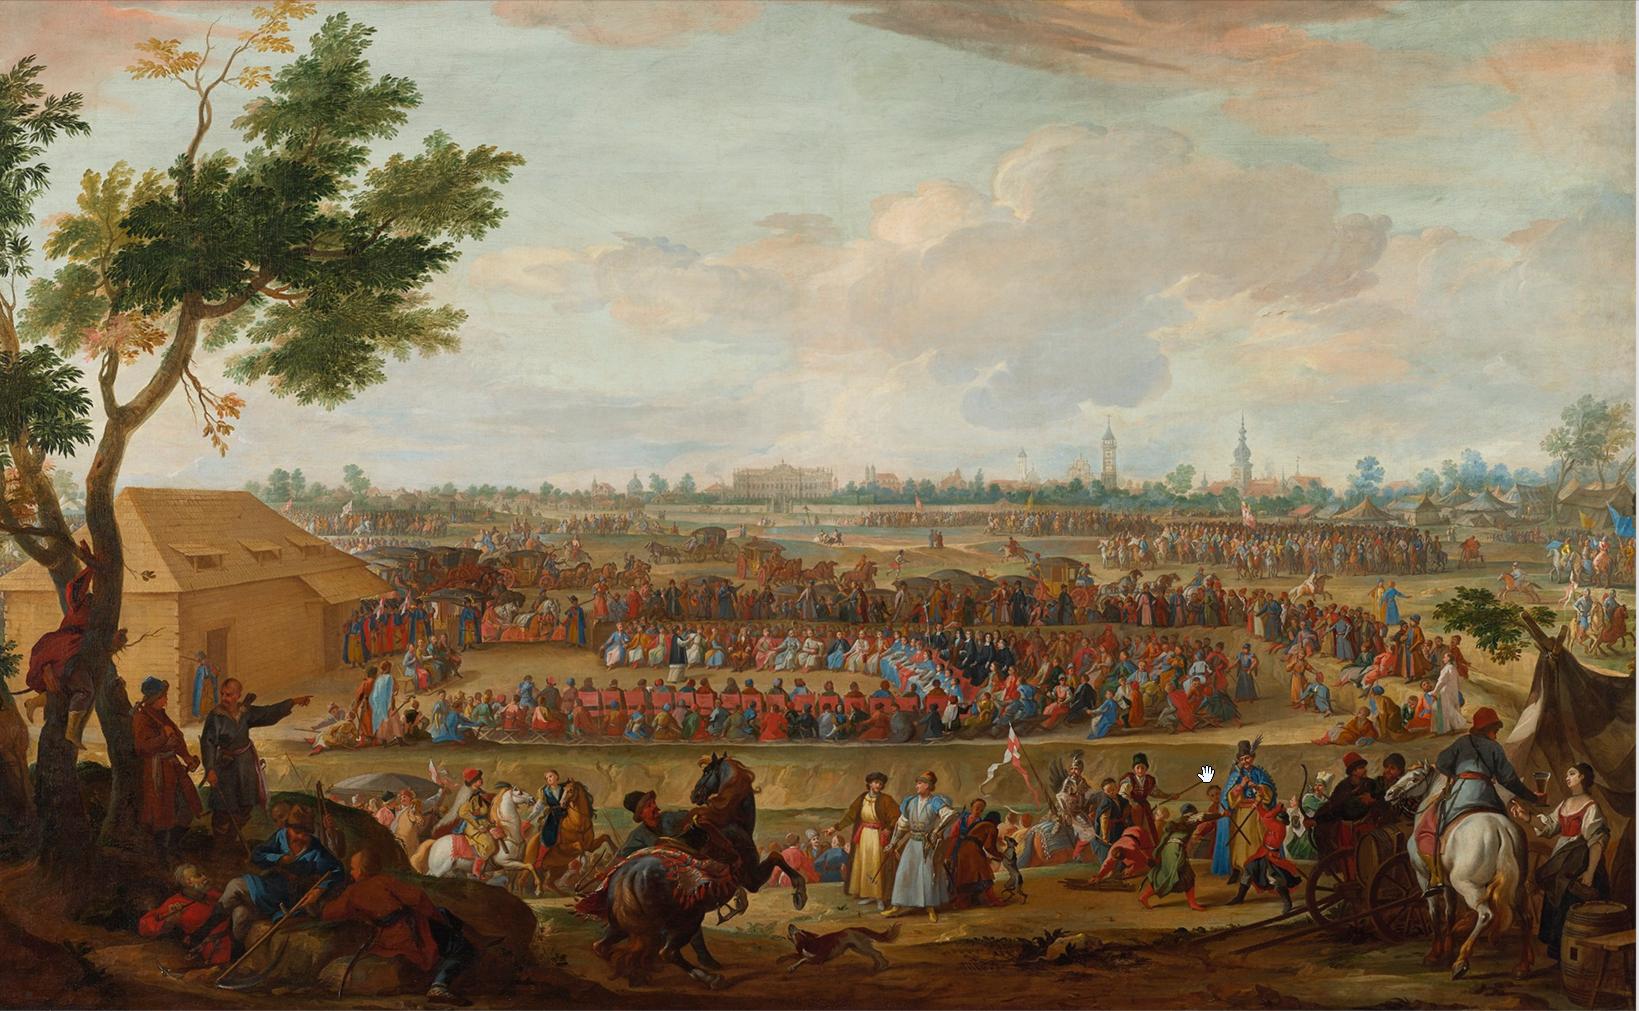 Sejm elekcyjny 1697 roku Obrady sejmu elekcyjnego wmaju iczerwcu 1697 r. wWarszawie. Większość zgromadzonych opowiedziała się za kandydaturą Franciszka Ludwika Burbona-Conti - został on oficjalnie ogłoszony królem przez prymasa Michała Radziejowskiego. Mniejszość szlachty (w grę wchodziły pieniądze rozdawane przez przedstawicieli cara Piotra I)obwołała monarchą elektora saskiego Fryderyka Augusta I, który wykorzystał bierność francuskiego kandydata, ruszając na Wawel. Ceremonia koronacji możliwa była jedynie przy użyciu insygniów królewskich przechowywanych wwawelskim skarbcu, adrzwi do skarbca zamknięte były na osiem zamków, do których osobne klucze mieli senatorowie Rzeczypospolitej. Sześciu znich opowiadało się po stronie Burbona, więc liczyć na otwarcie skarbca nie można było liczyć. Ztej patowej sytuacji Fryderyk August wybrnął wbardzo mało skomplikowany sposób - insygnia wyniesiono przez wybitą wścianie skarbca dziurę. We wrześniu 1697 r. elektor zaprzysiągł pacta conventa izostał koronowany na króla Polski, jako August II, przez biskupa kujawskiego Stanisława Dąmbskiego wkatedrze wawelskiej. Źródło: Martino Altomonte, Sejm elekcyjny 1697 roku, 1697-1704, olej na płótnie, Zamek Królewski wWarszawie, domena publiczna.